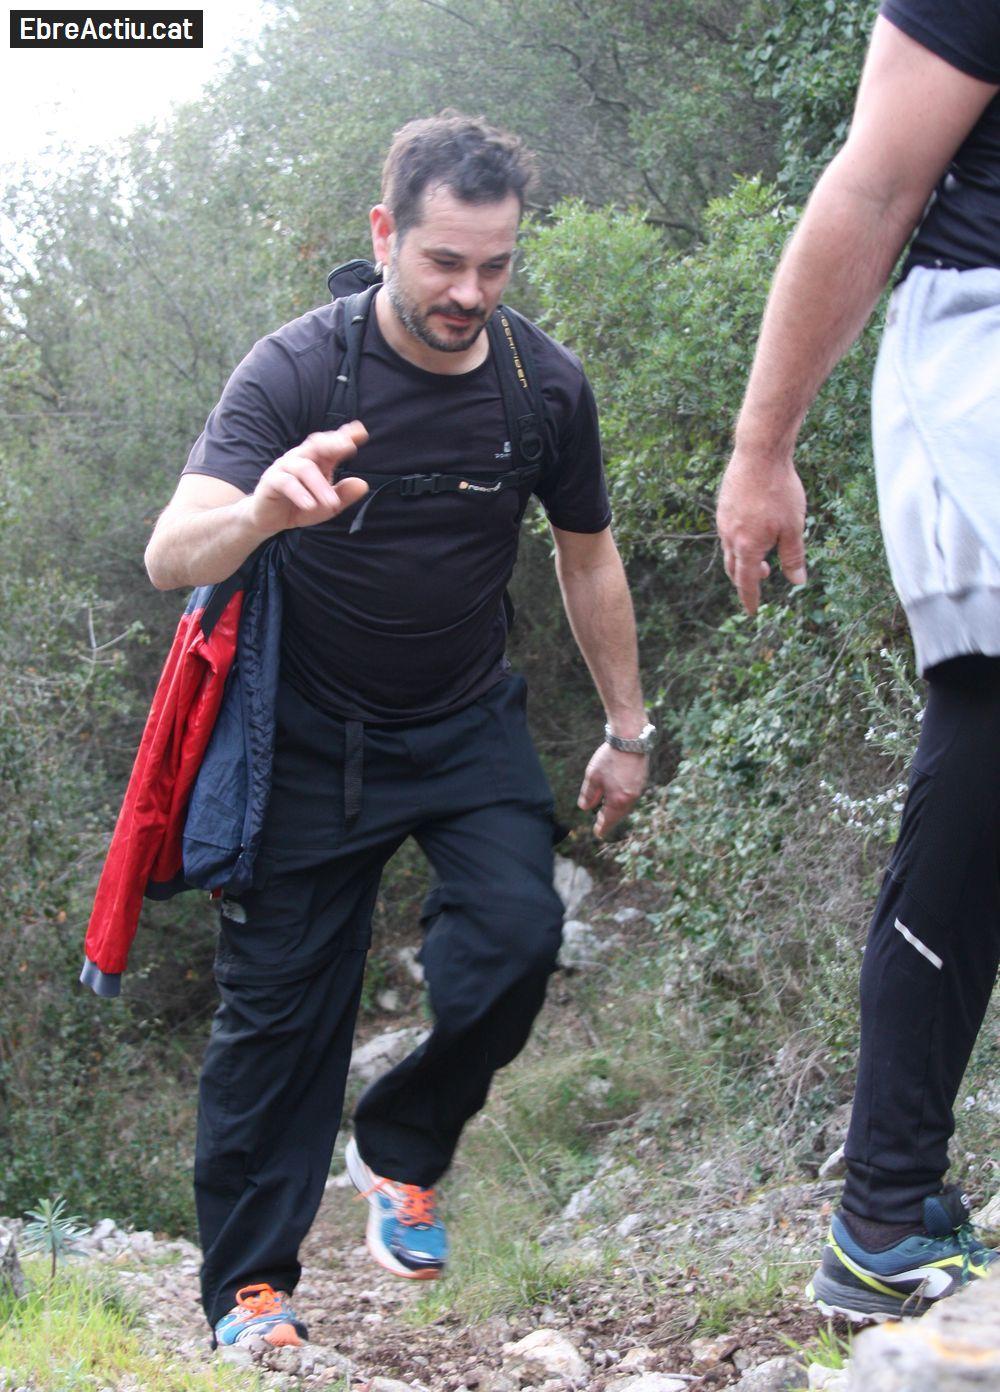 Galeria d'imatges de la 6a Cursa dels Biberons de Pinell de Brai 24/02/2019 - àlbum 2/2